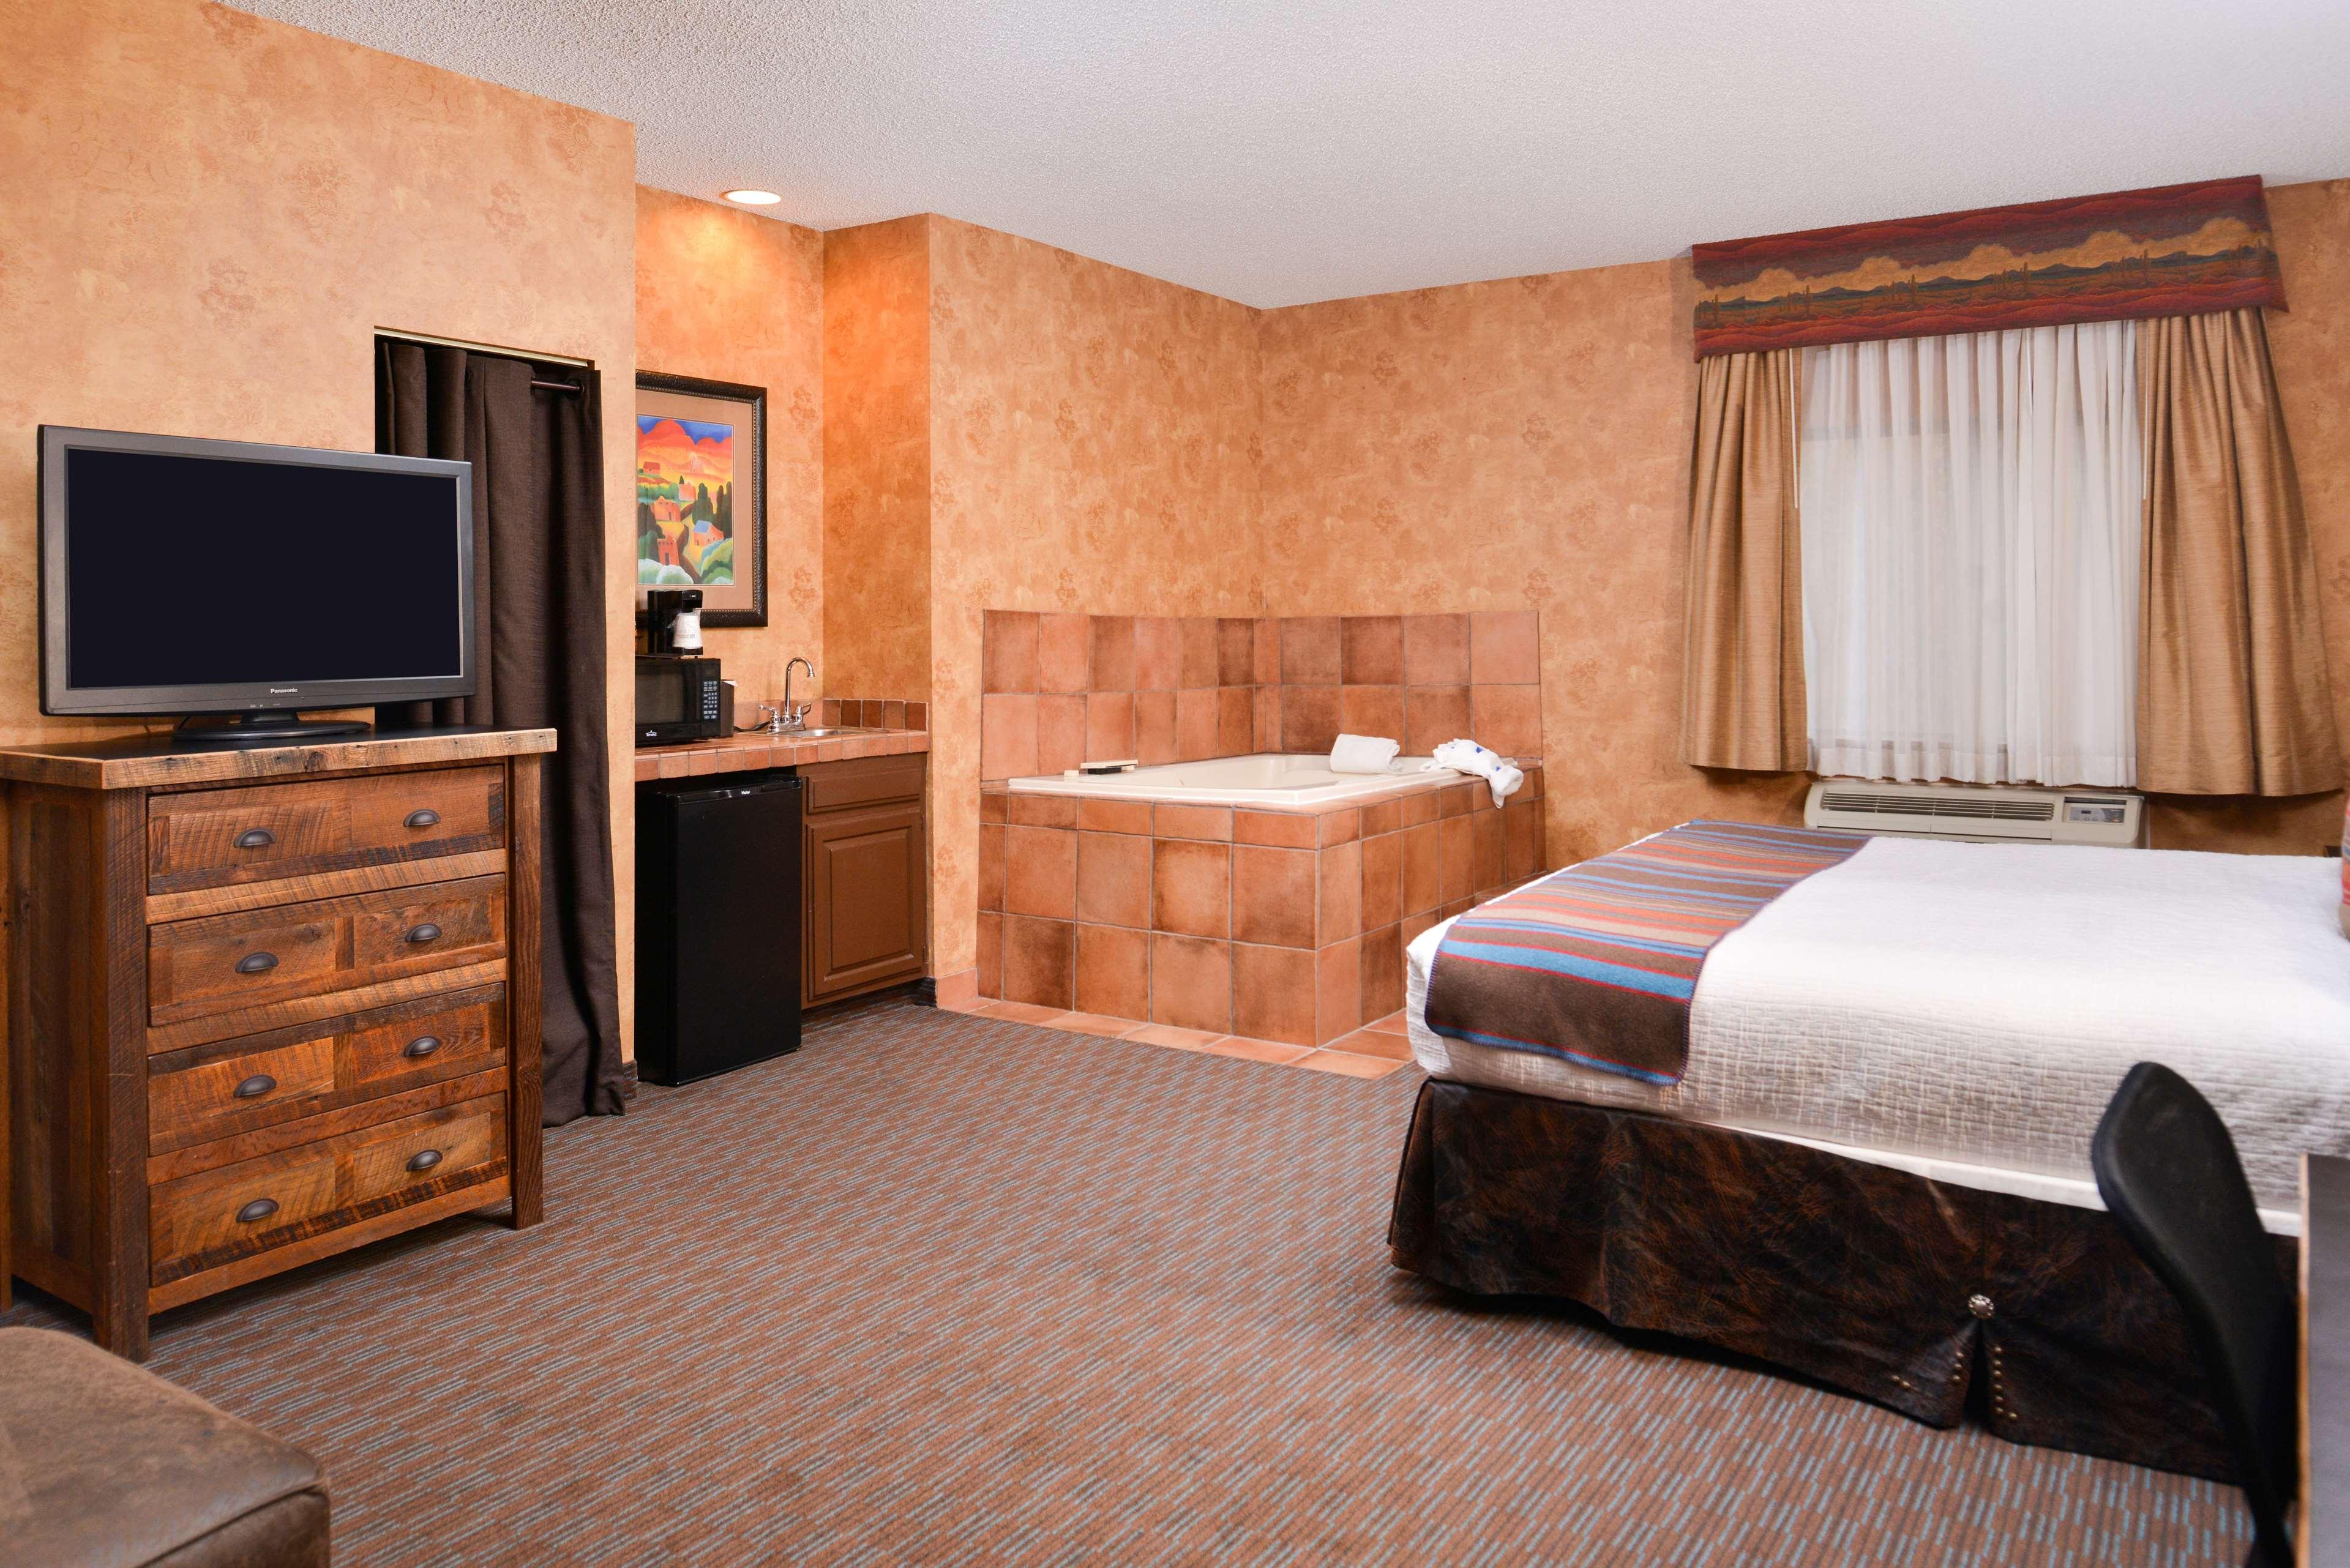 Best Western Plus Inn of Santa Fe image 14